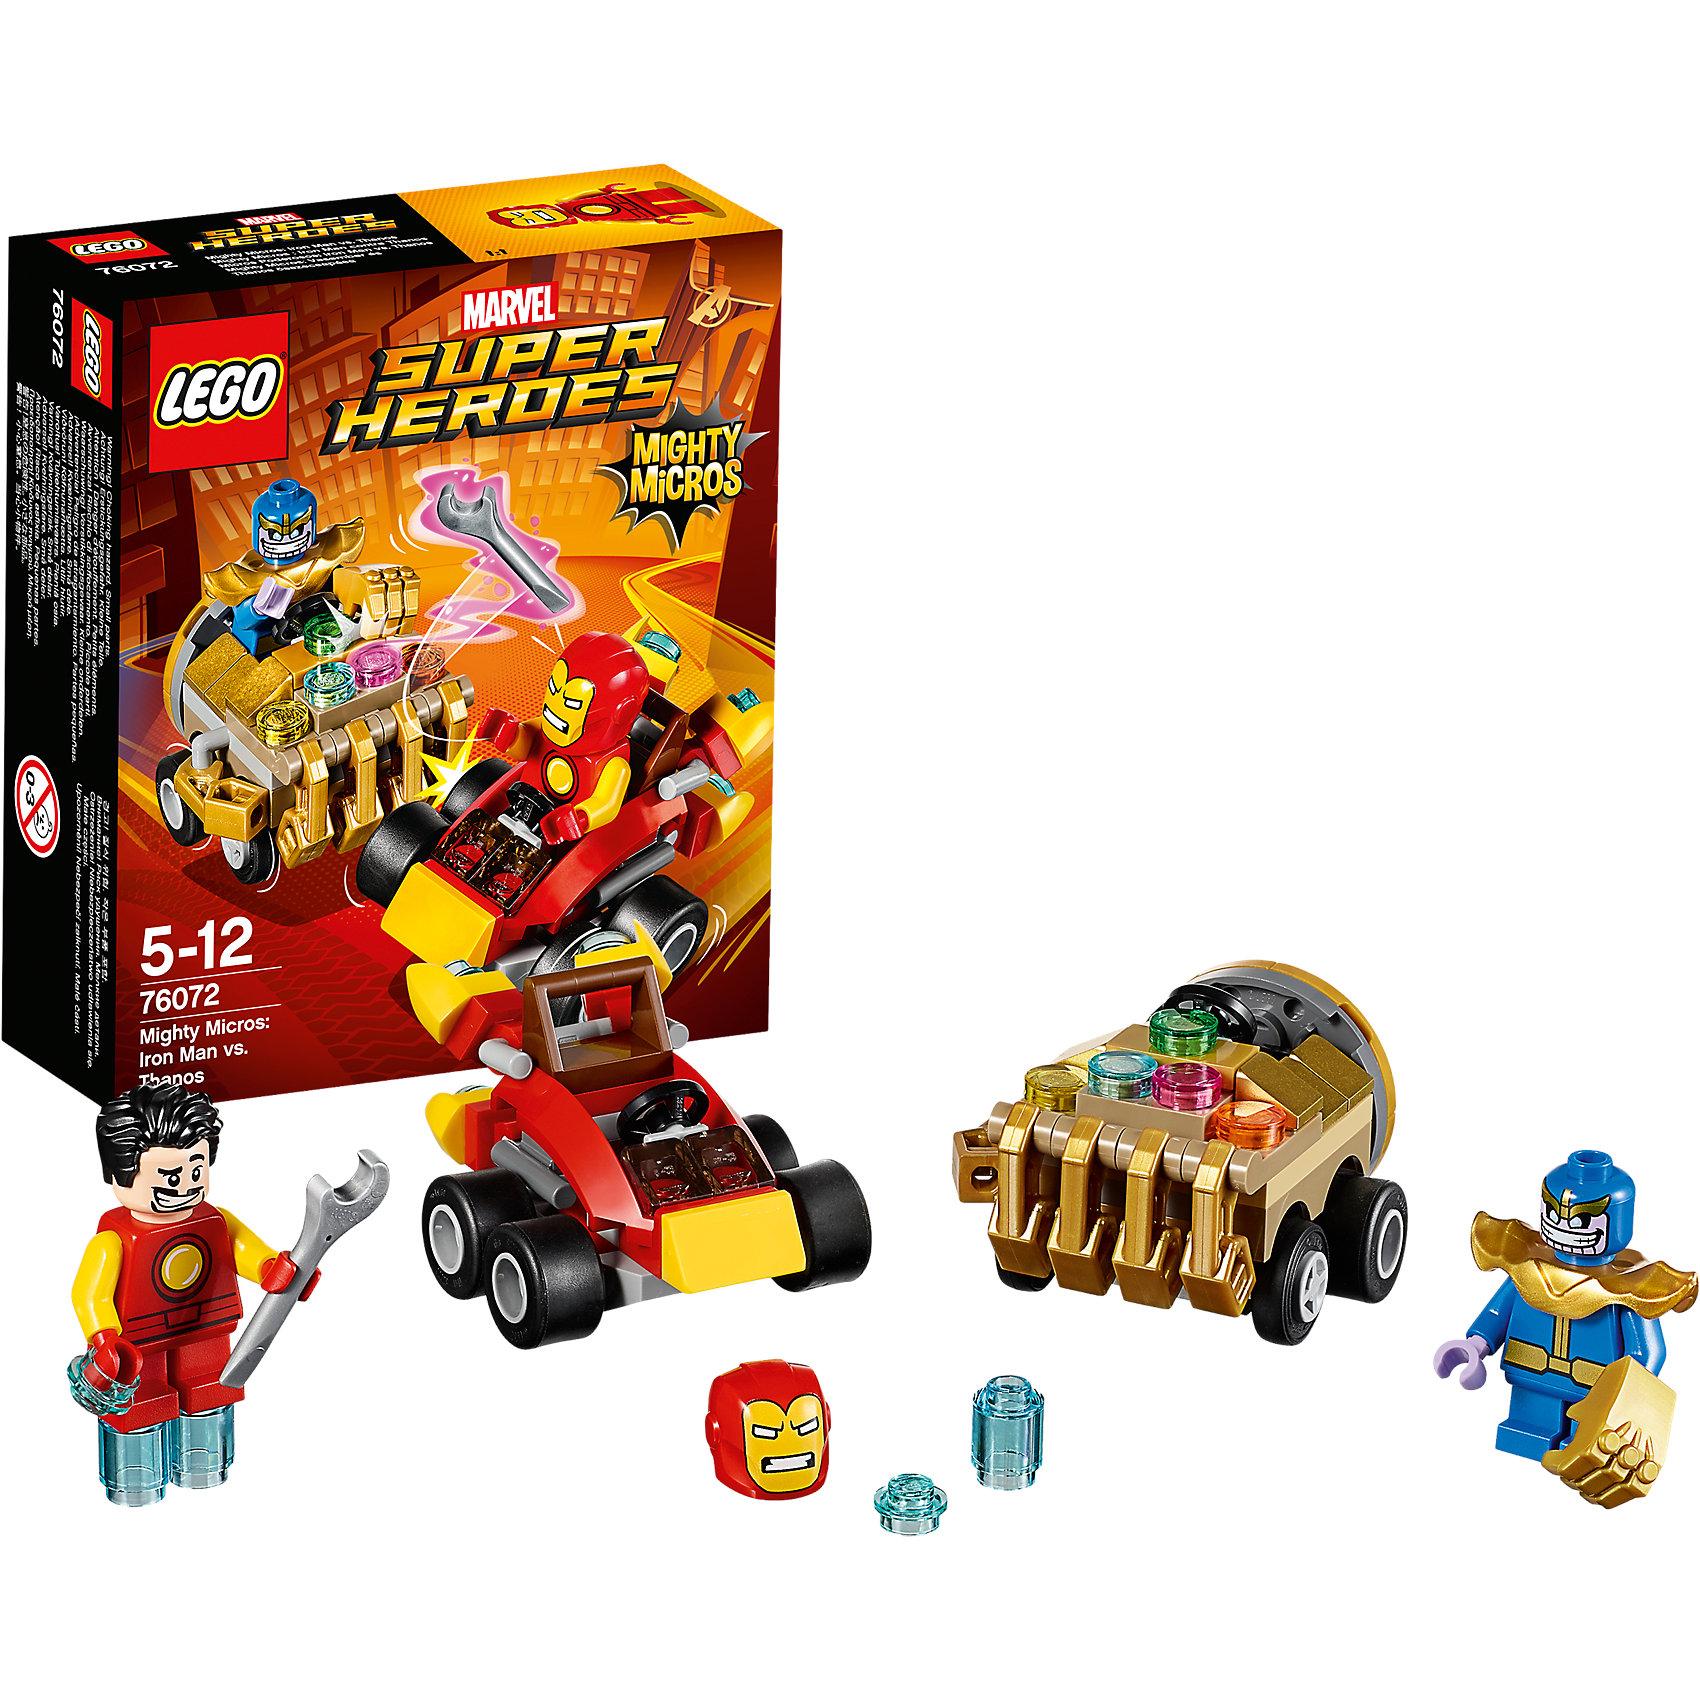 LEGO Super Heroes 76072: Mighty Micros: Железный человек против ТаносаКонструкторы Лего<br>LEGO Super Heroes 76072: Mighty Micros: Железный Человек против Таноса<br><br>Характеристики:<br><br>- в набор входит: детали двух транспортных средств, 2 минифигурки; аксессуары; инструкция по сборке<br>- минифигурки набора: Железный Человек, Танос<br>- состав: пластик<br>- количество деталей: 94<br>- размер машины Железного человека: 5 * 4 * 3 см.<br>- размер машины Таноса: 5 * 5 * 3 см.<br>- для детей в возрасте: от 5 до 12 лет<br>- Страна производитель: Дания/Китай/Чехия<br><br>Легендарный конструктор LEGO (ЛЕГО) представляет серию «Super Heroes» (Супер герои) по сюжетам фильмов и мультфильмов о супергероях. Этот набор понравится любителям комиксов Marvel, мультфильмов и фильмов о Железном Человеке. <br><br>Фигурки набора выглядят ярко, очень качественно проработаны, в их разработке были использованы уникальные детали не встречающиеся в других наборах. Железный Человек имеет отдельно шлем и прическу, которые можно менять, чтобы не скрывать личность Тони Старка, а также голубые детали костюма изображающие синие языки пламени. В набор входит и гаечный ключ, ведь Железный Человек построил свою машину сам. <br><br>В своем противостоянии соперники сели за руль машин, создав невероятные сцены погони и битвы. Скоростная машина Железного Человека оснащена дополнительными турбинами для скорости. Машина злодея Таноса выглядит как большой кулак, пальца кулака разгибаются, машина оснащена множеством неизвестных кнопок. Помоги Железному Человеку одержать верх над Таносом! <br><br>Играя с конструктором ребенок развивает моторику рук, воображение и логическое мышление, научится собирать по инструкции и создавать свои модели. Придумывайте новые истории любимых героев с набором LEGO «Super Heroes»!<br><br>Конструктор LEGO Super Heroes 76072: Mighty Micros: Железный Человек против Таноса можно купить в нашем интернет-магазине.<br><br>Ширина мм: 145<br>Глубина мм: 121<br>Высота мм: 50<br>Вес